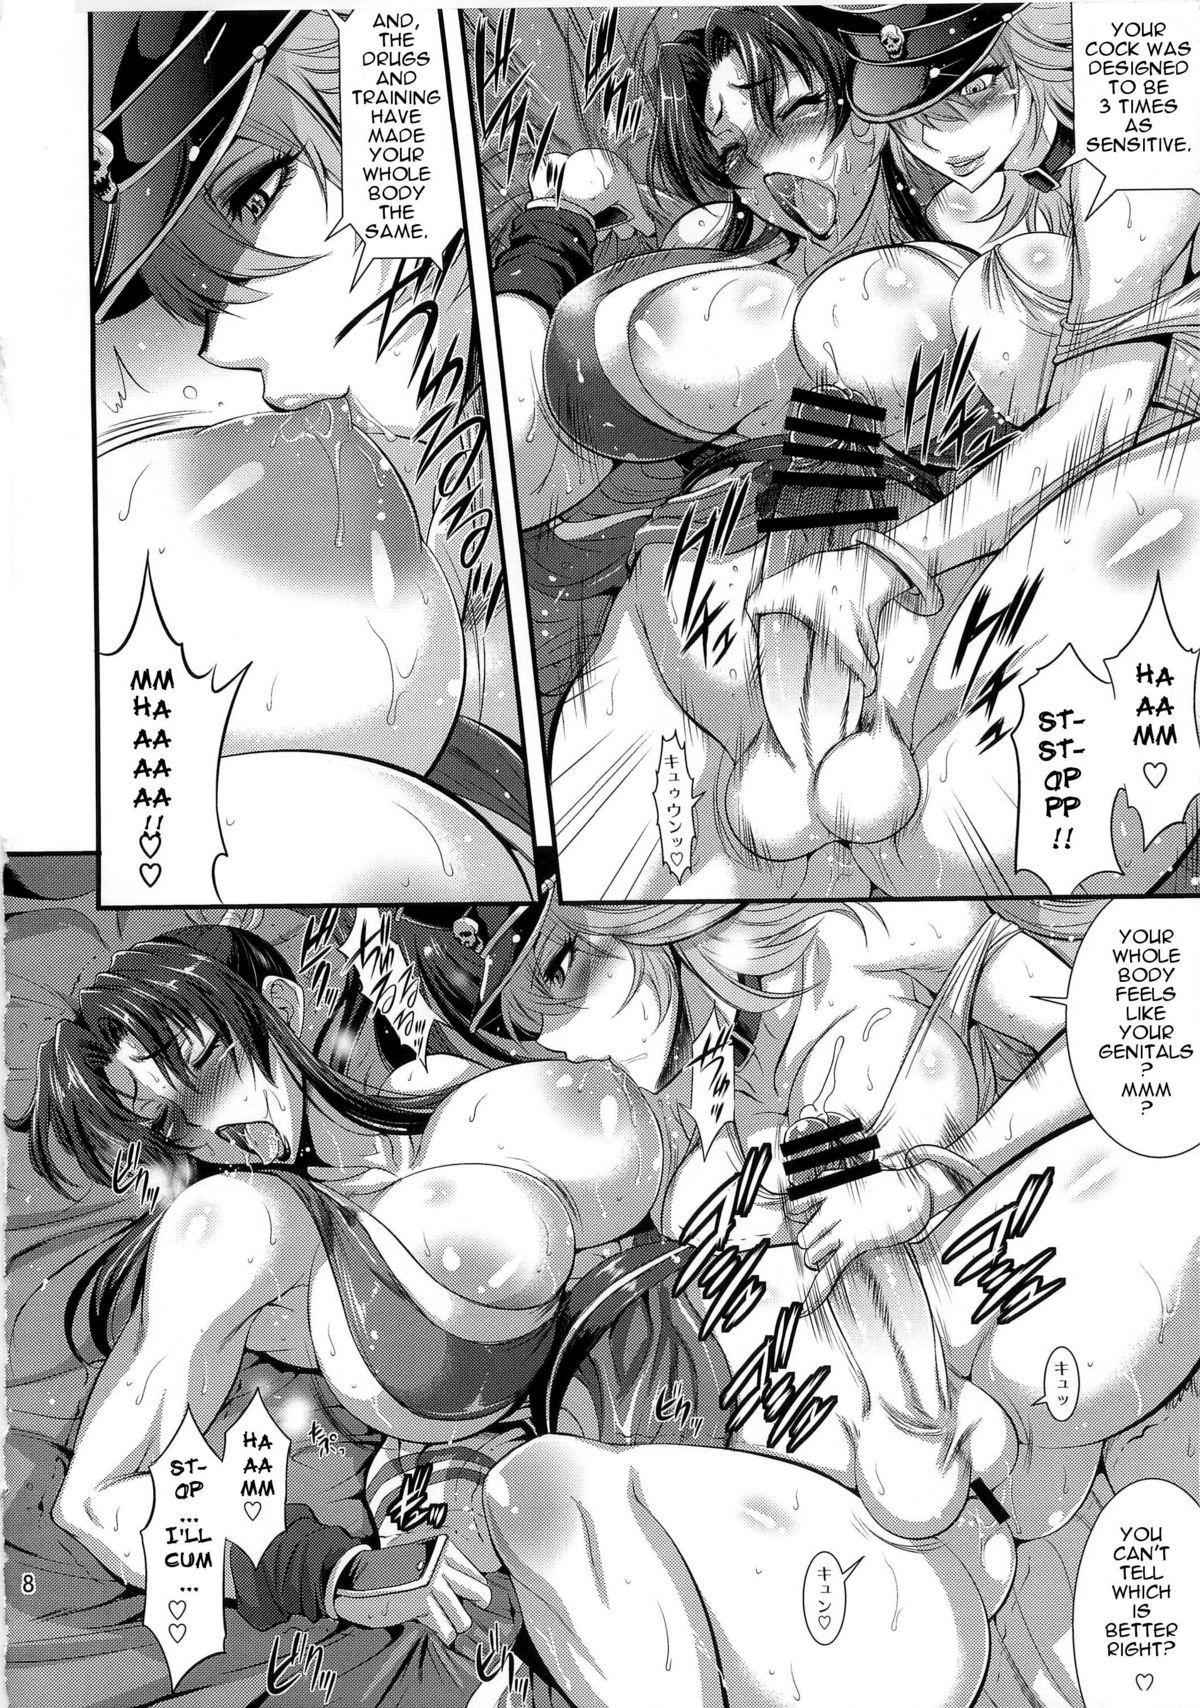 Futa-Mai Seisakujou 2 6